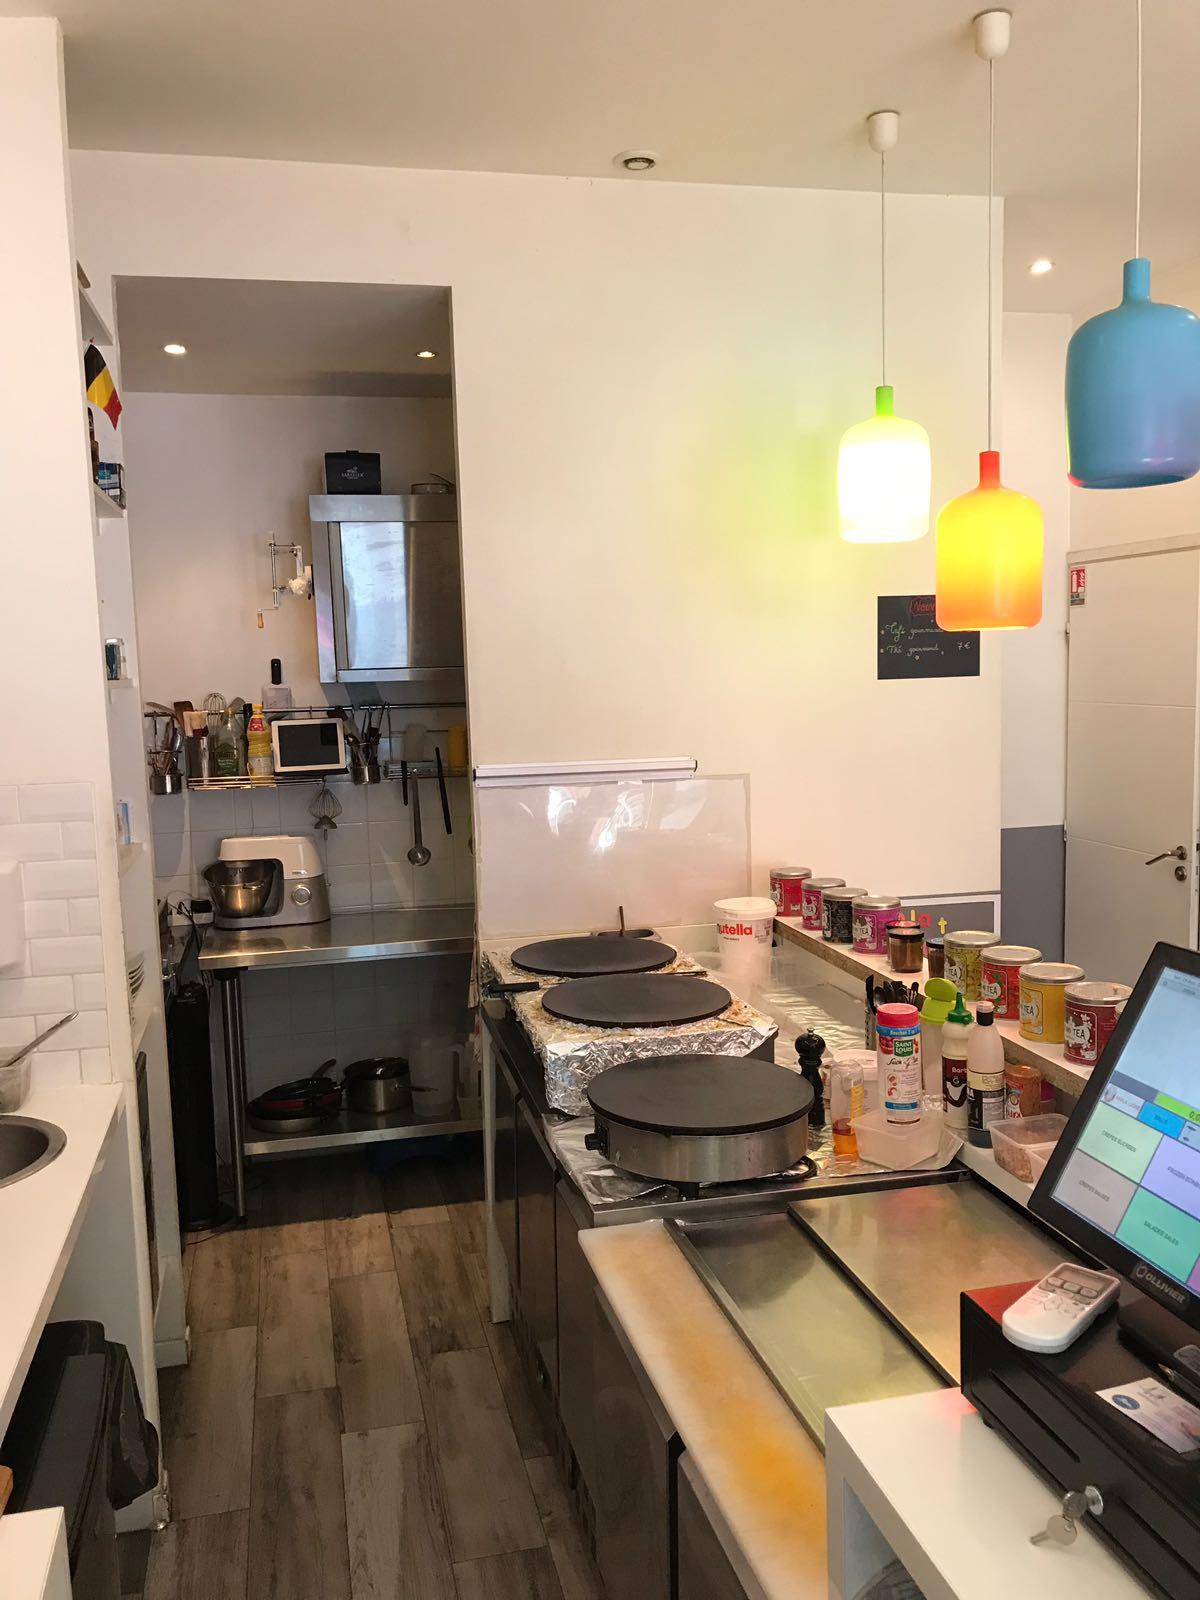 Opportunité à saisir - Restaurant de type crêperie sur le secteur de Valbonne - Crêperie Pizzeria